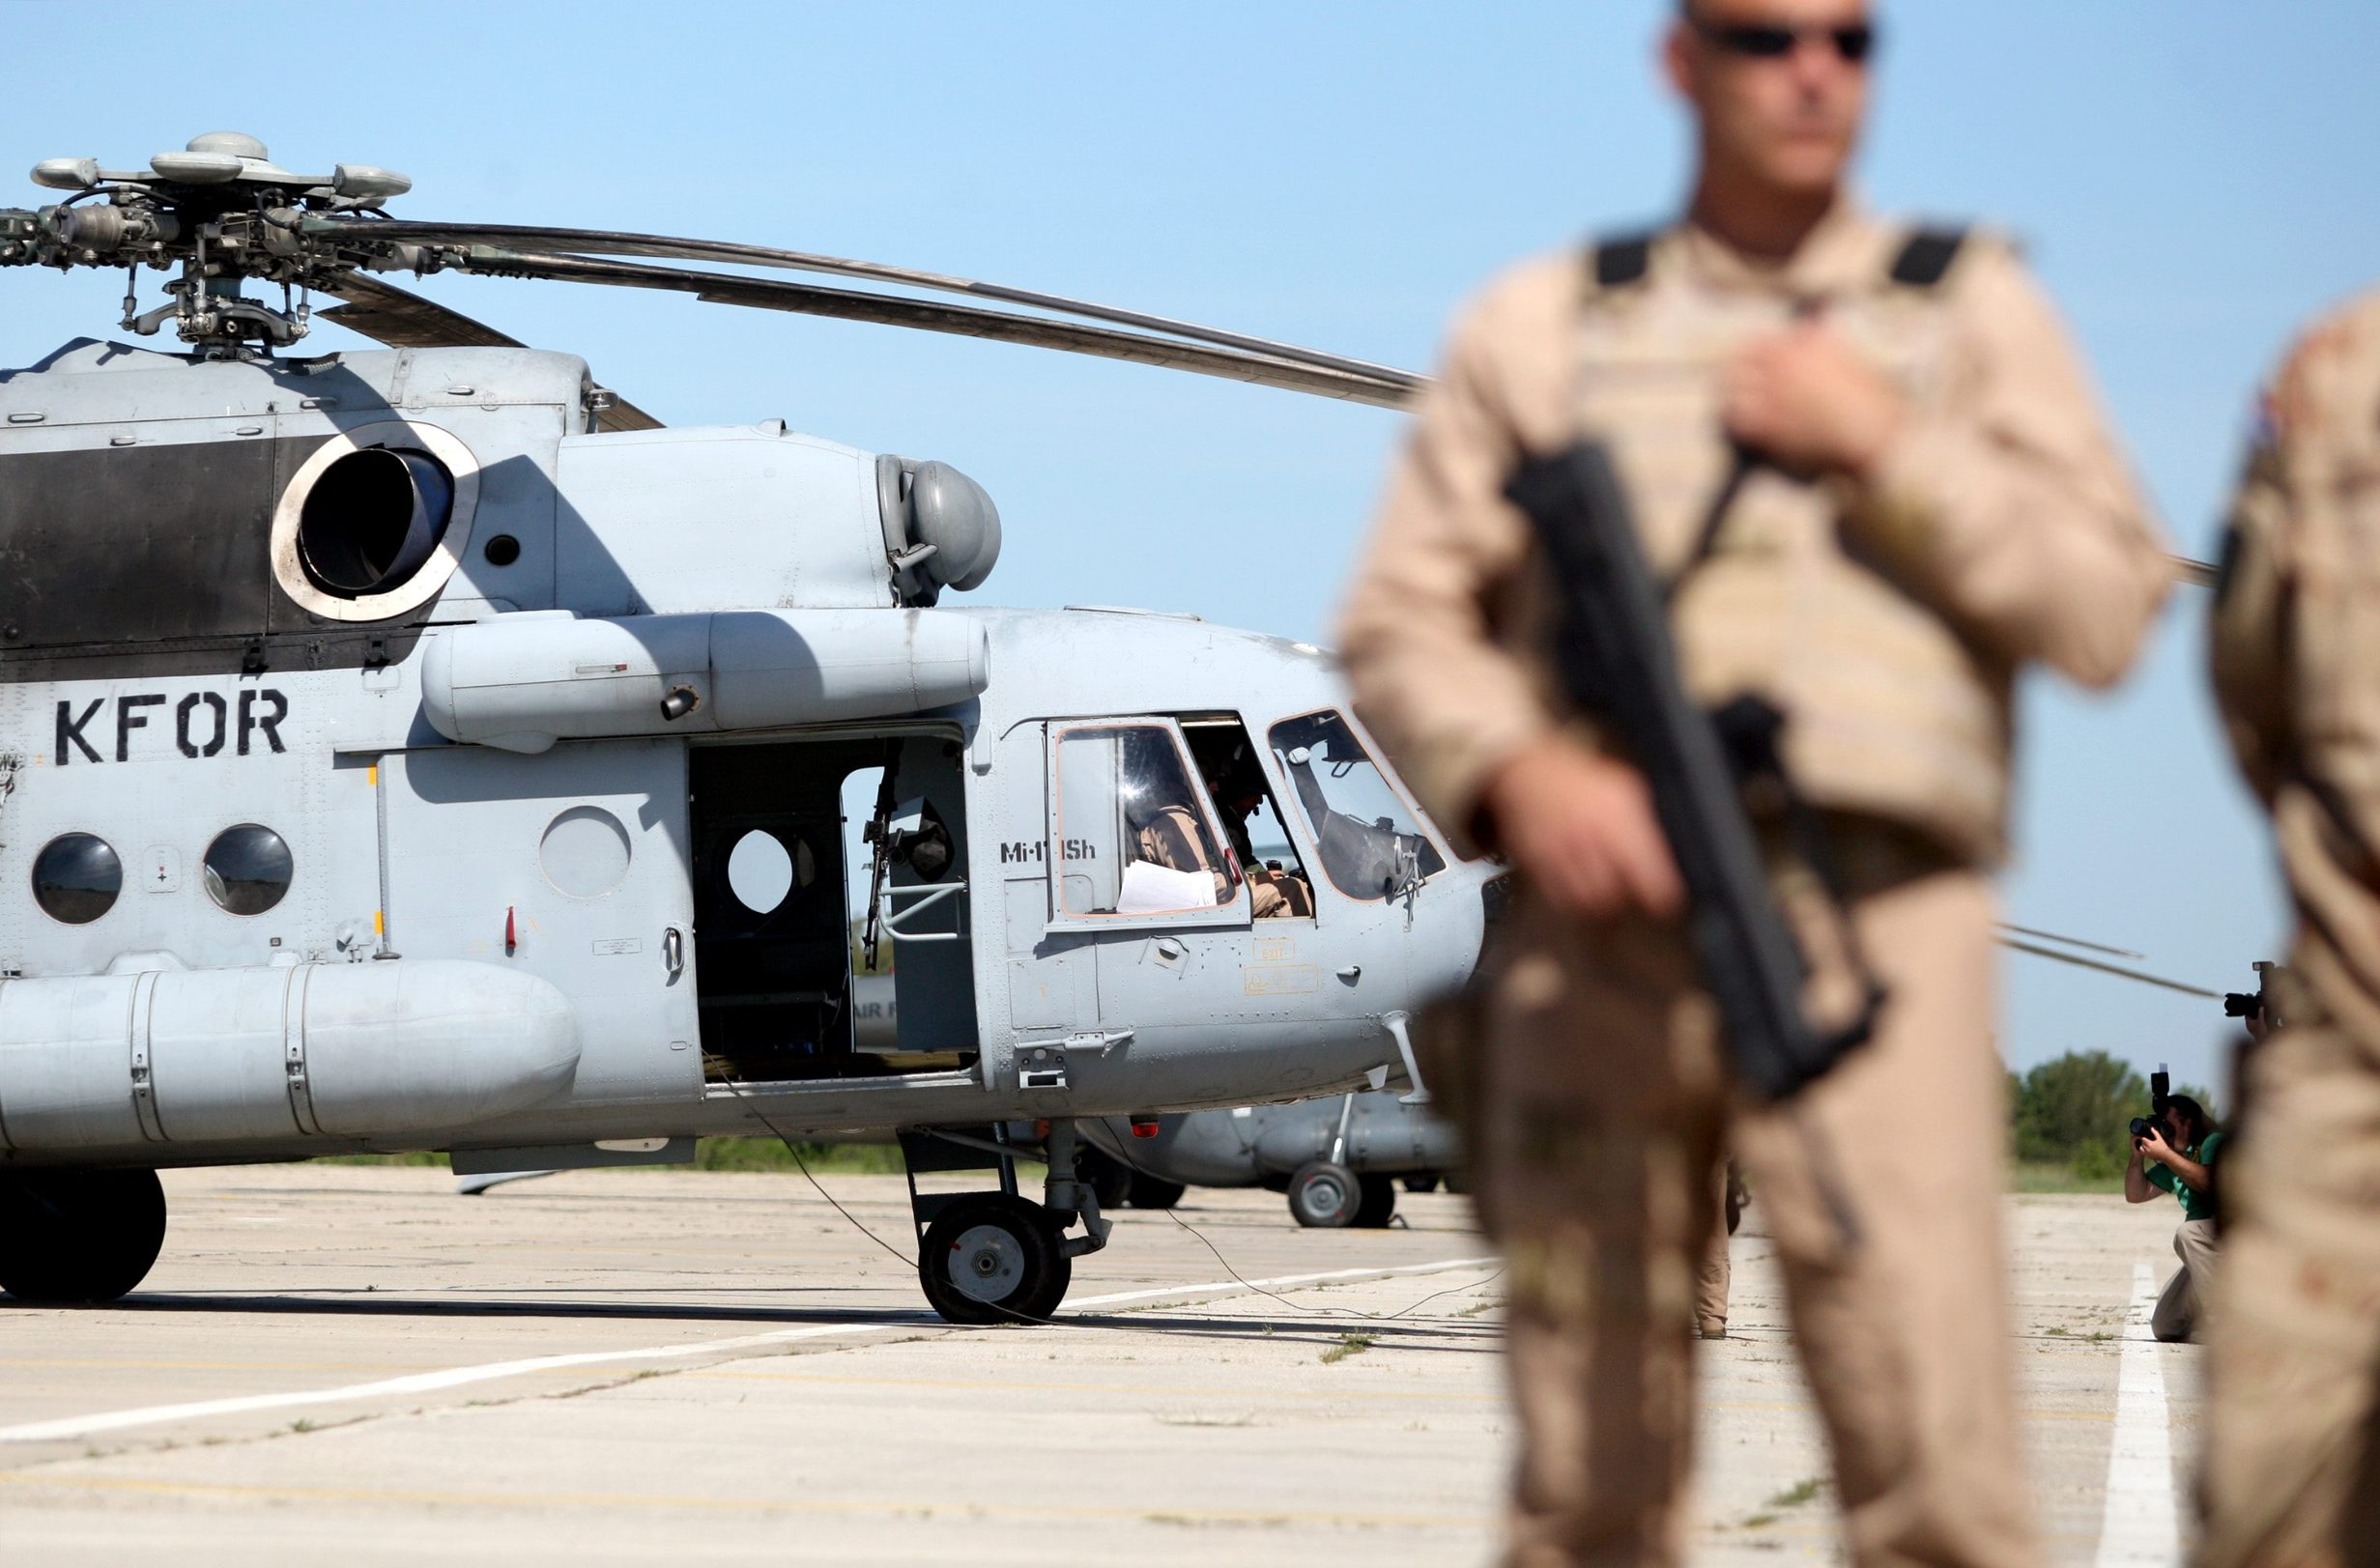 Helikopter MI-171Sh (ilustracija)